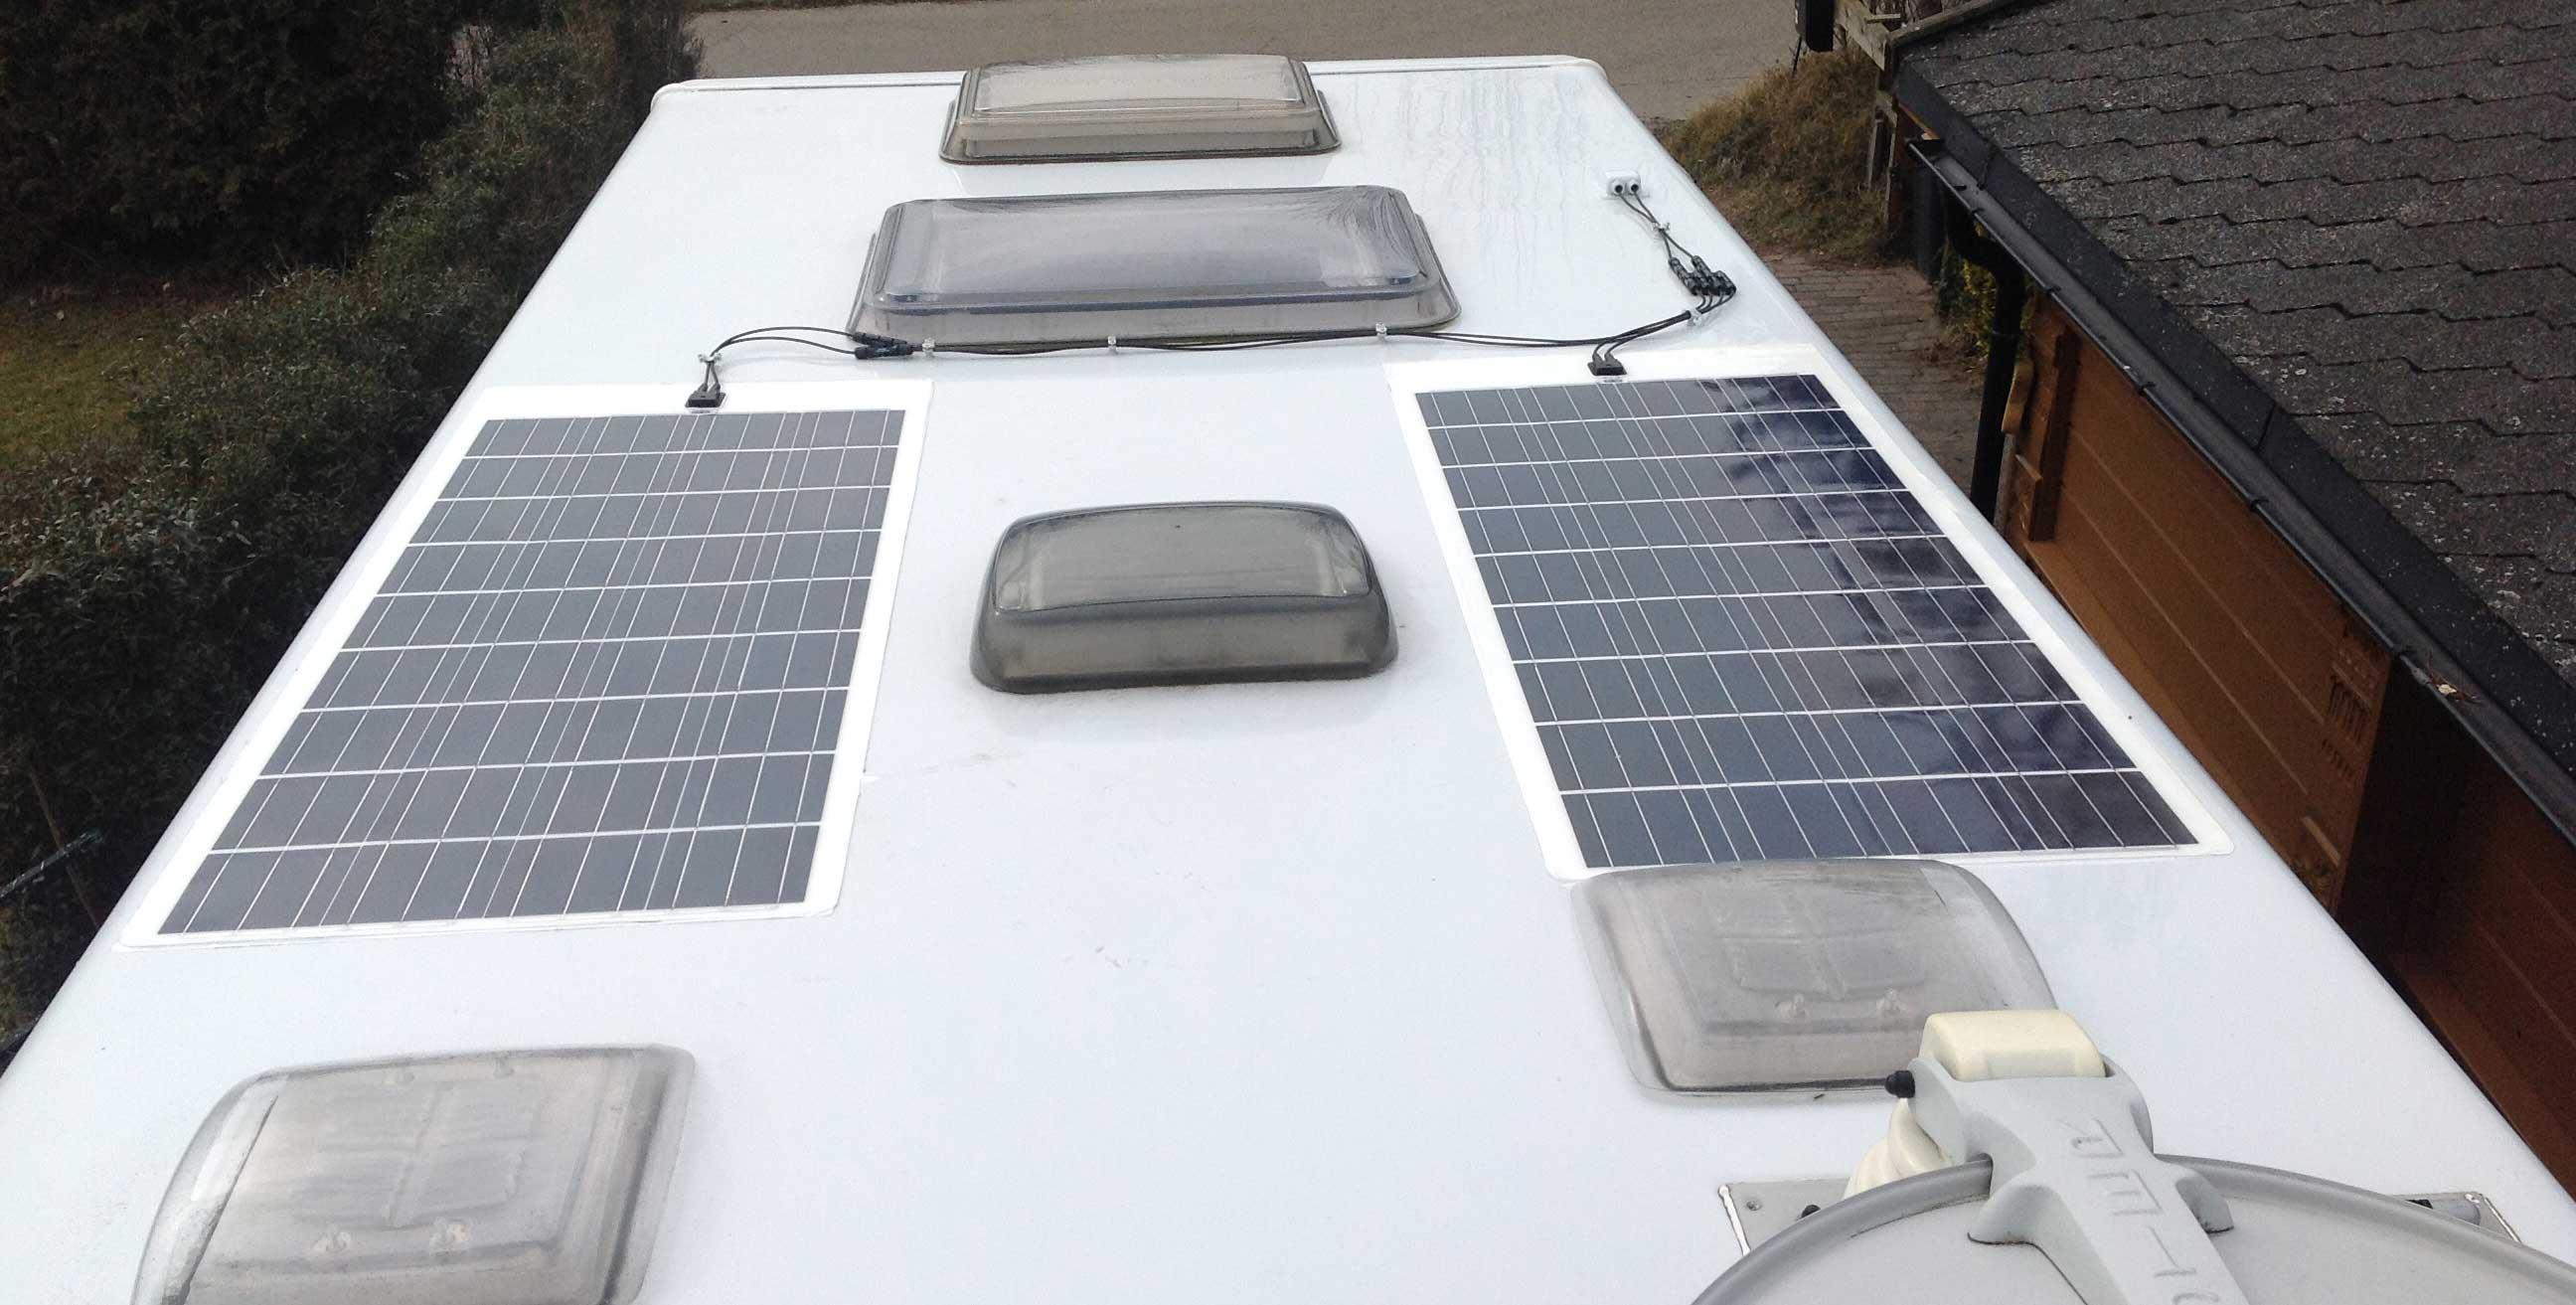 Udvidelse af Flex solcelle